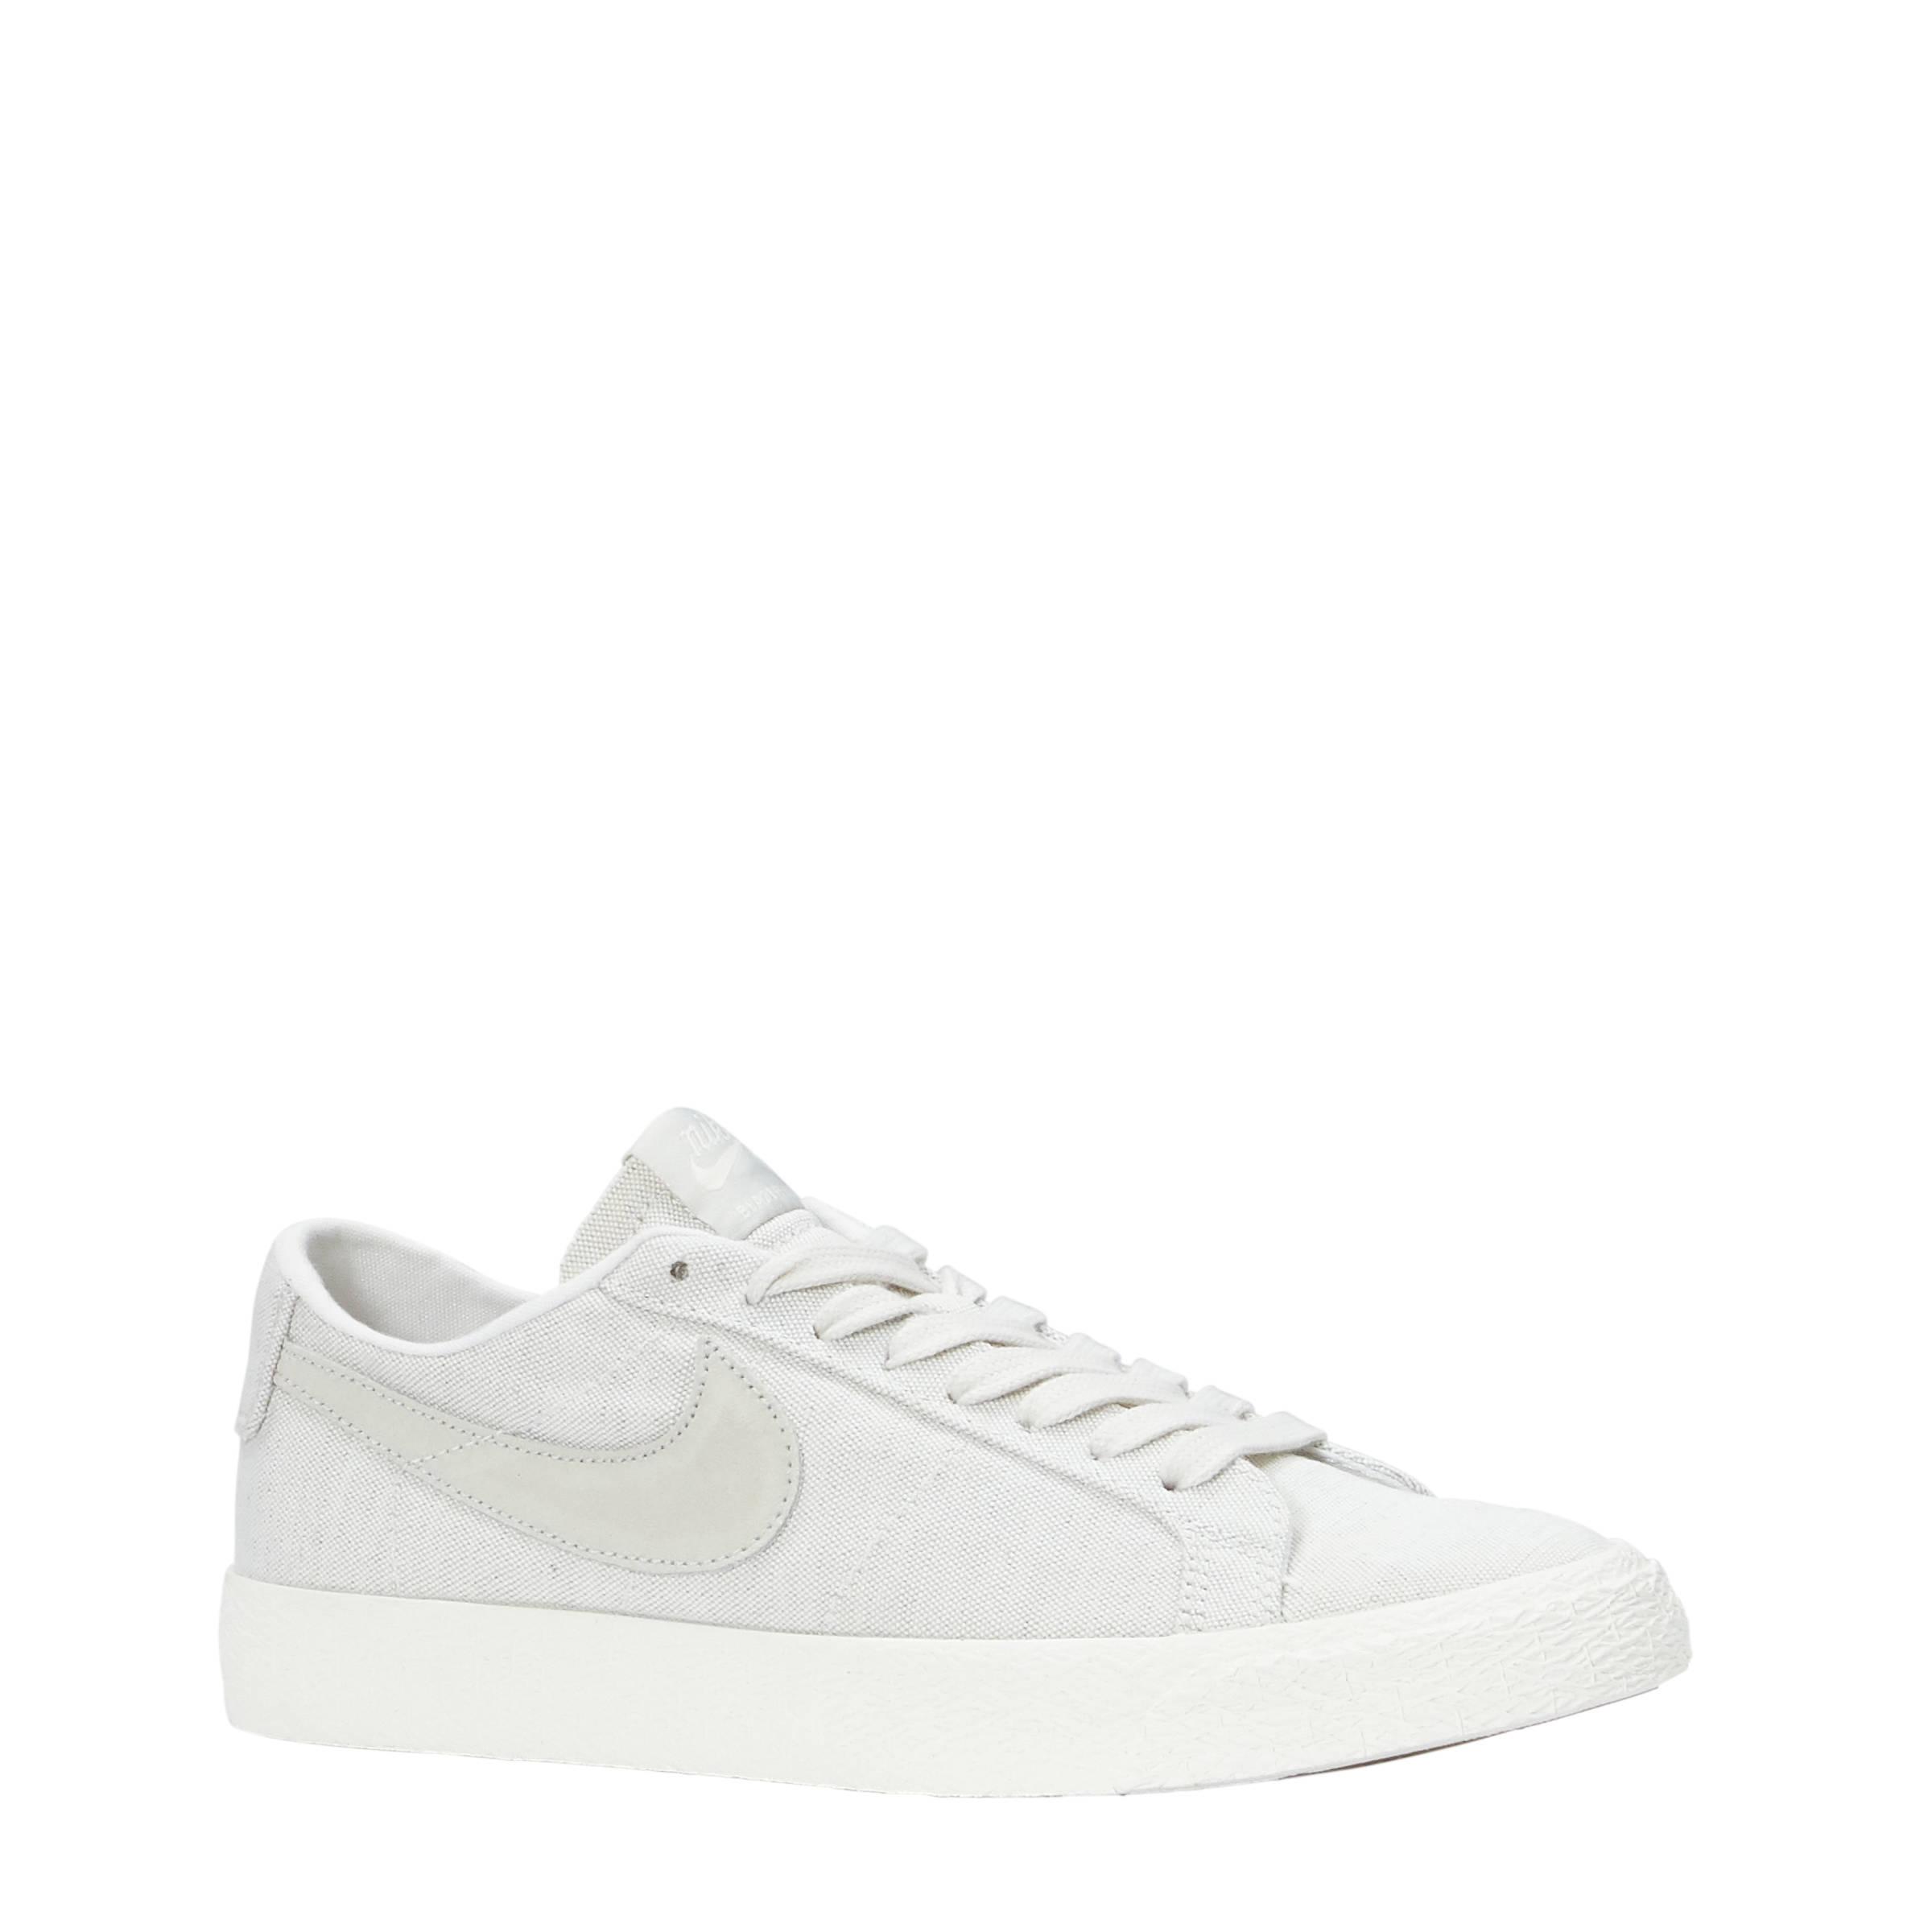 Low Zoom LichtbeigeWehkamp Sneakers Nike Sb Blazer OXPkZiuT